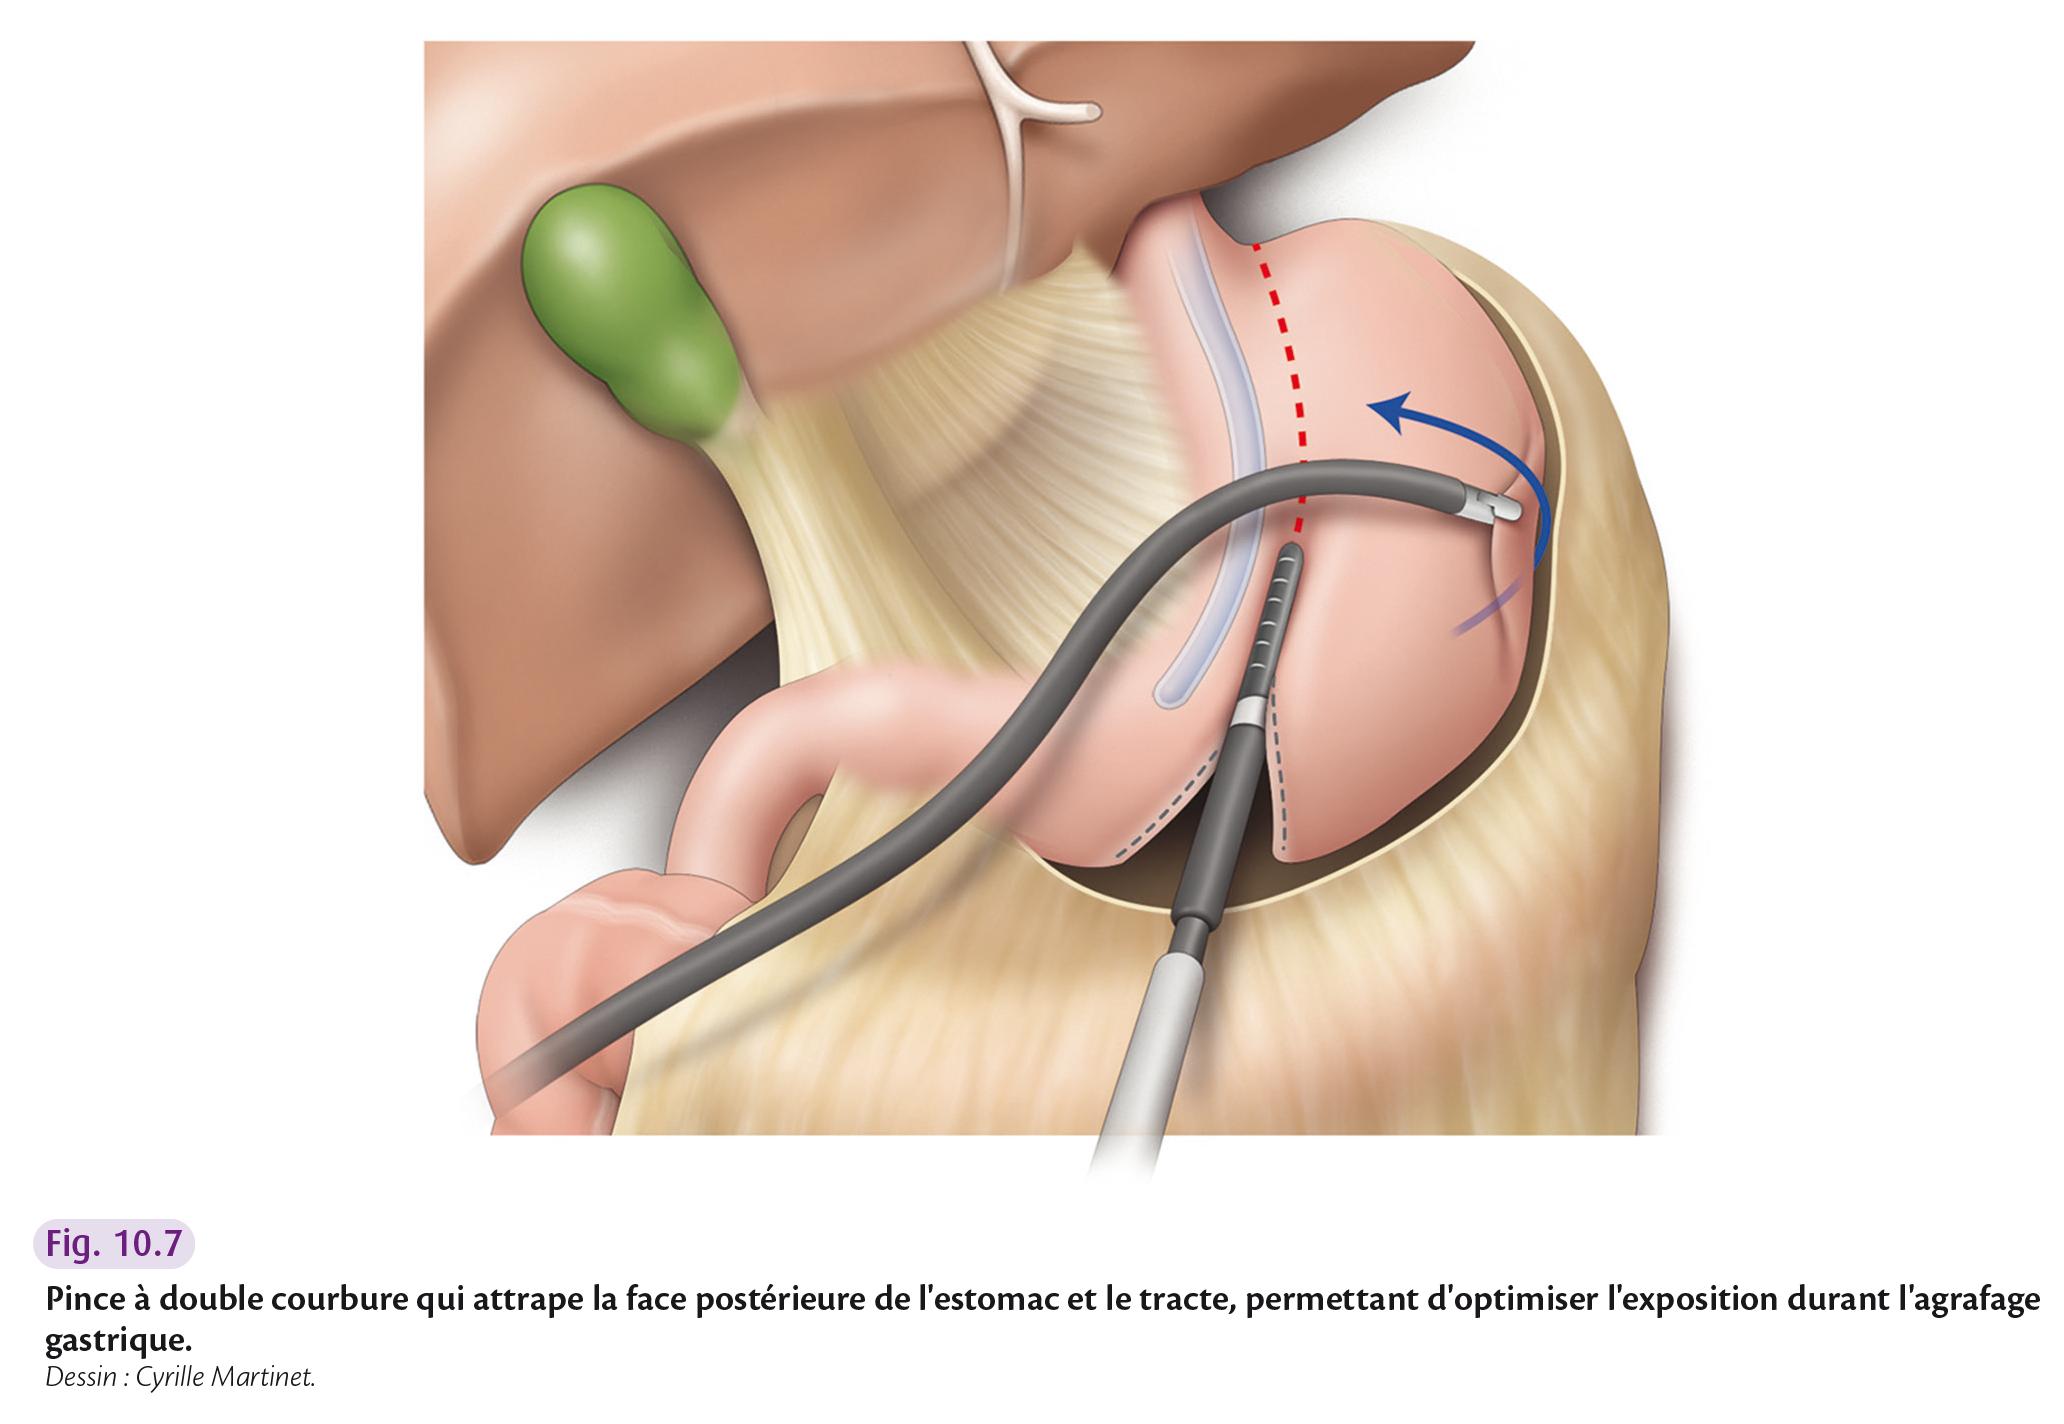 Pince à double courbure qui attrape la face postérieure de l'estomac et le tracte, permettant d'optimiser l'exposition durant l'agrafage gastrique.